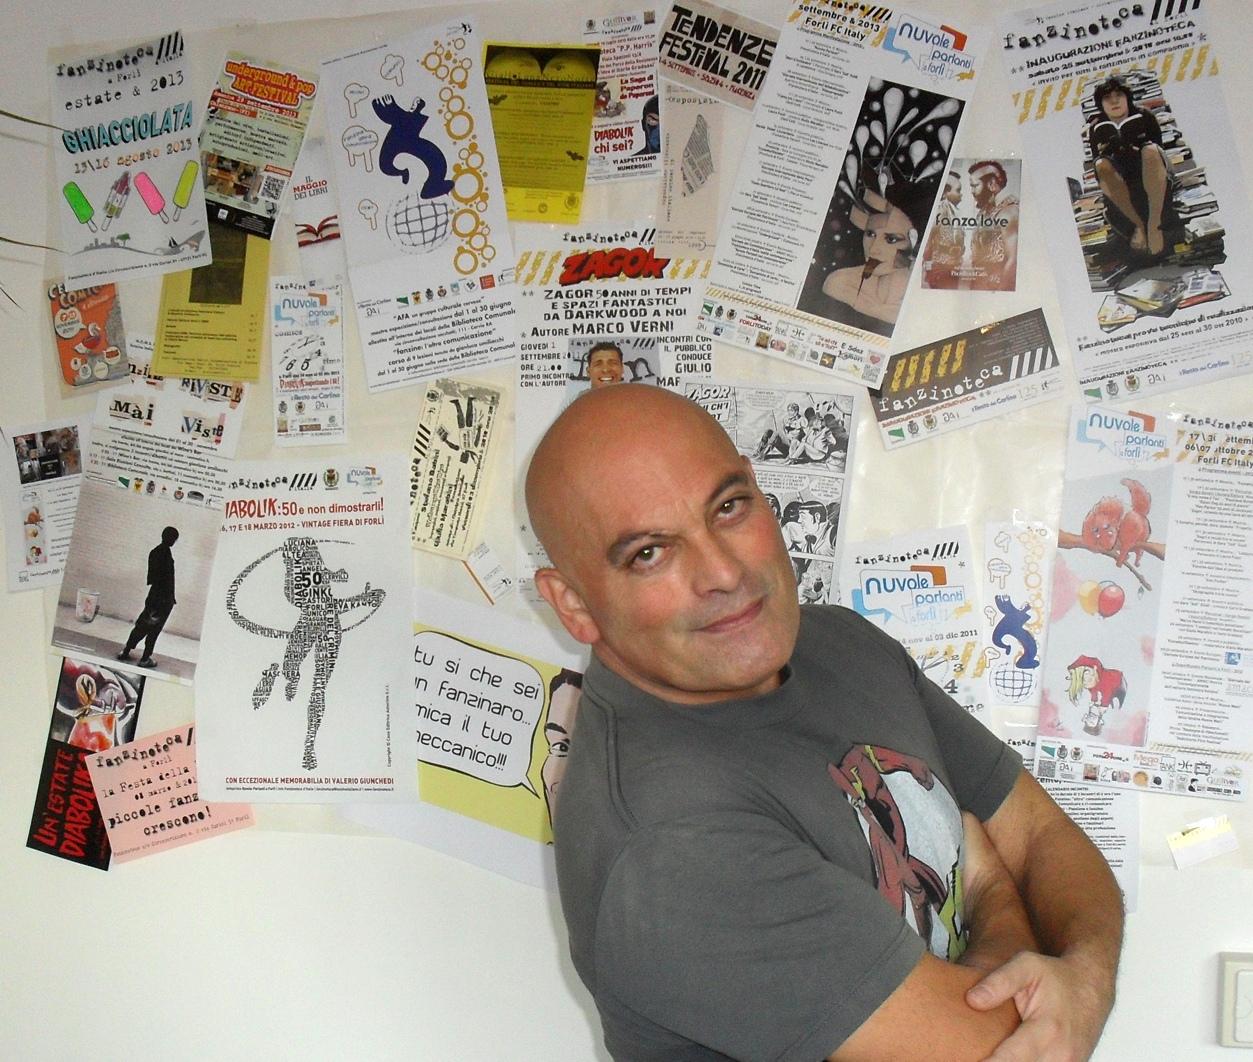 Fanzinoteca d'Italia Gianluca Umiliacchi